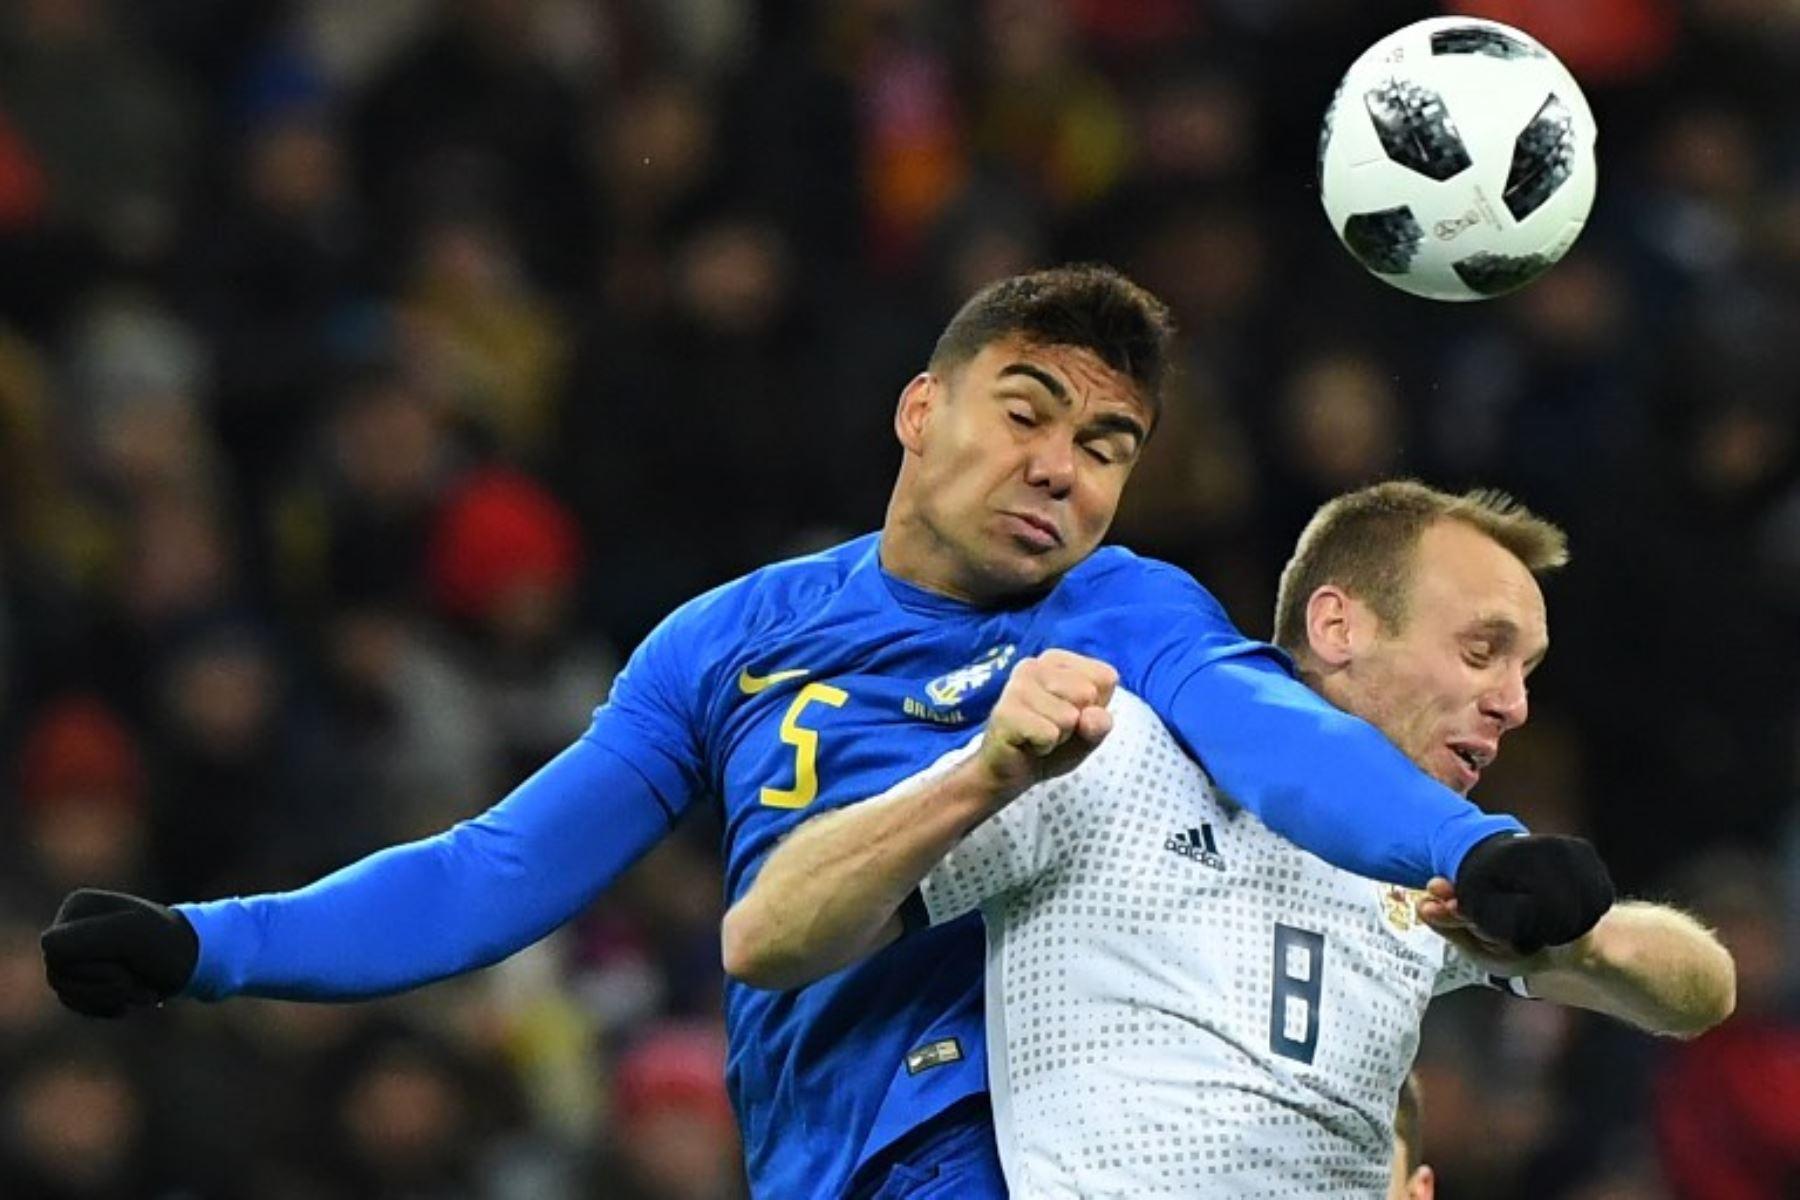 El centrocampista brasileño Casemiro y el mediocampista de Rusia Denis Glushakov compiten por el balón durante un partido amistoso de fútbol entre Rusia y Brasil.Foto:AFP